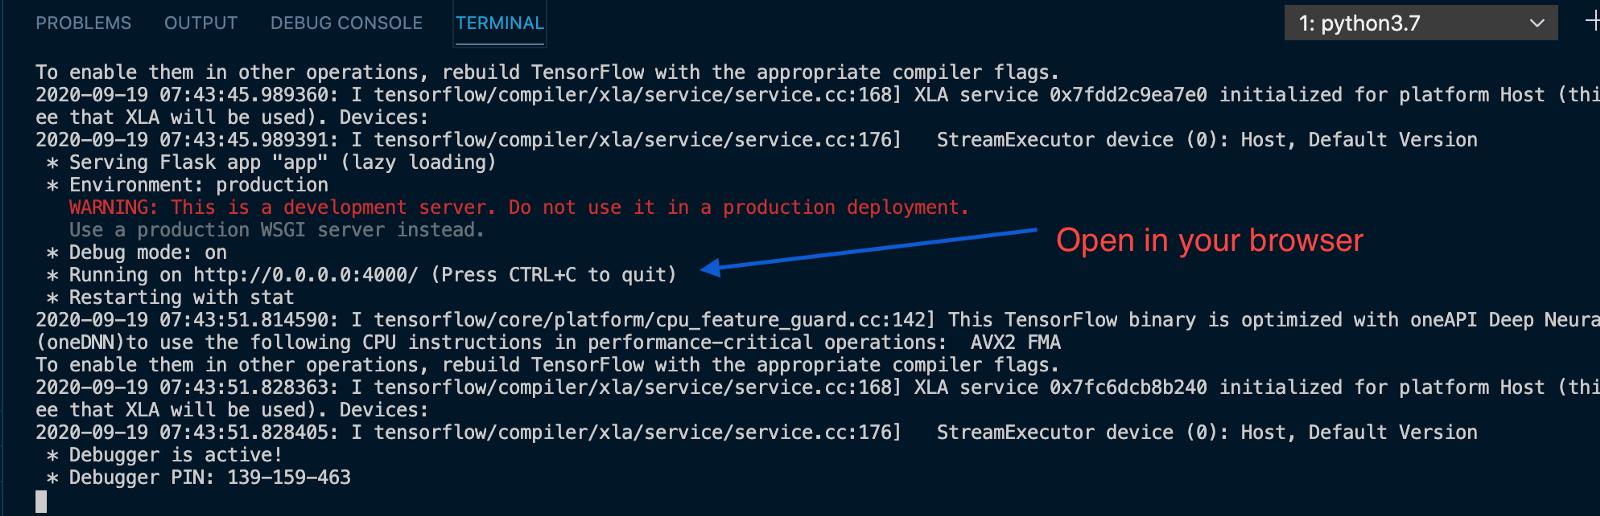 Server output